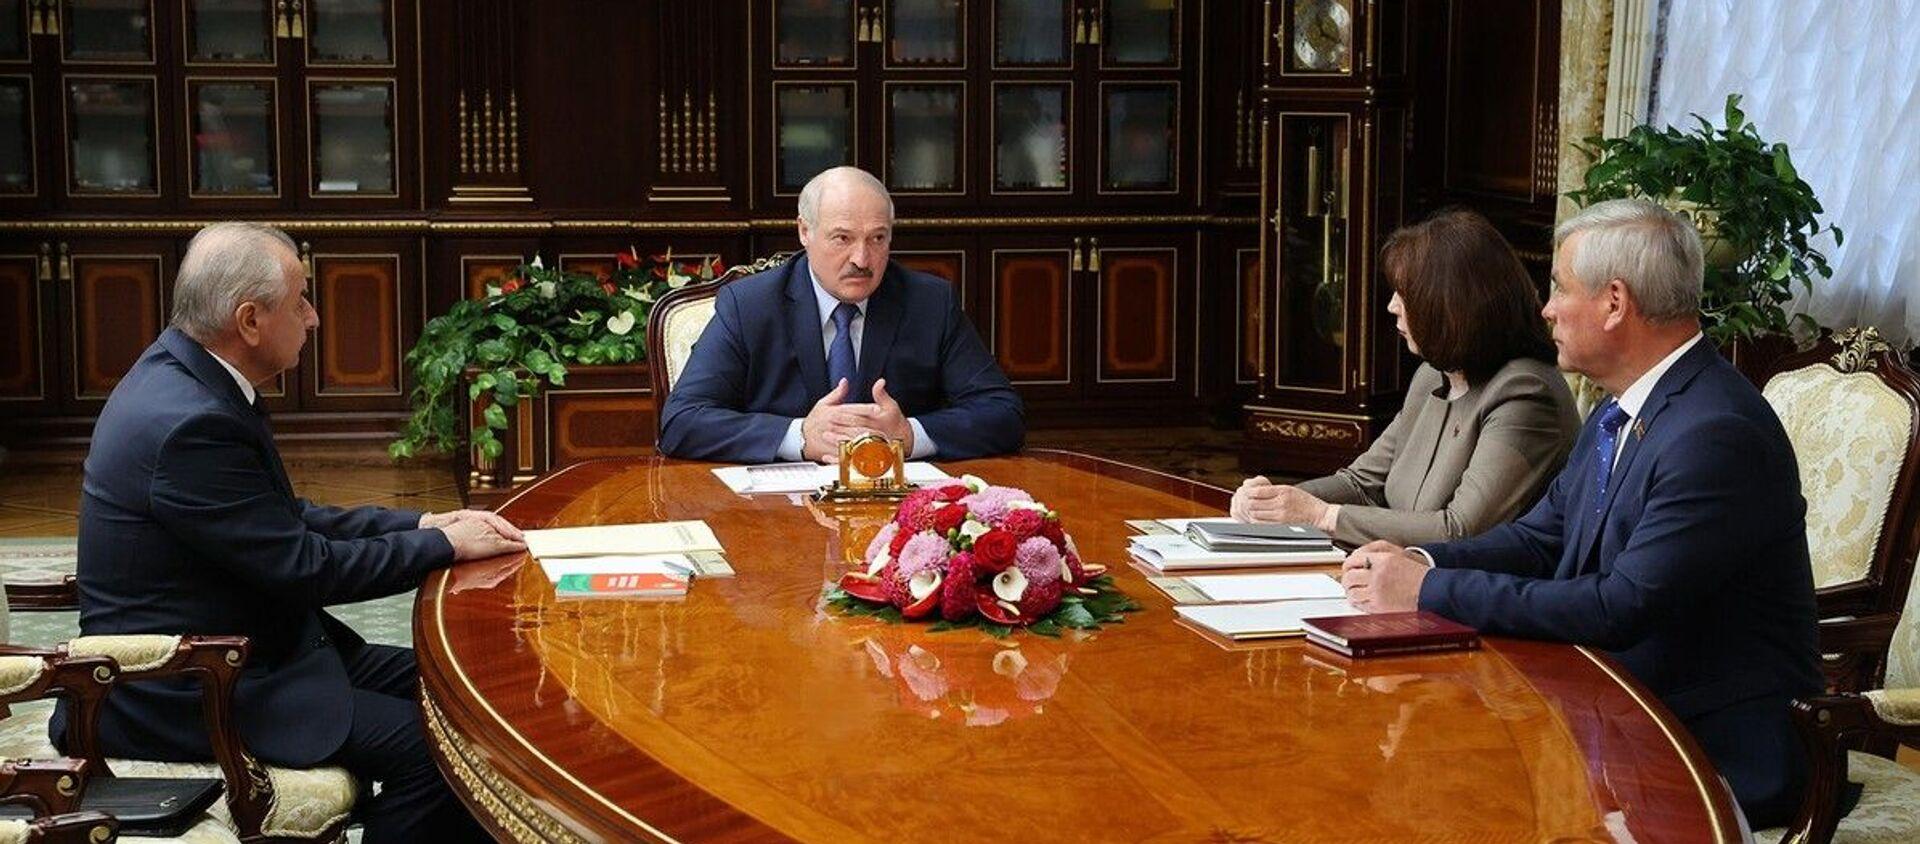 Встреча с руководителями Конституционной комиссии - Sputnik Беларусь, 1920, 13.05.2021